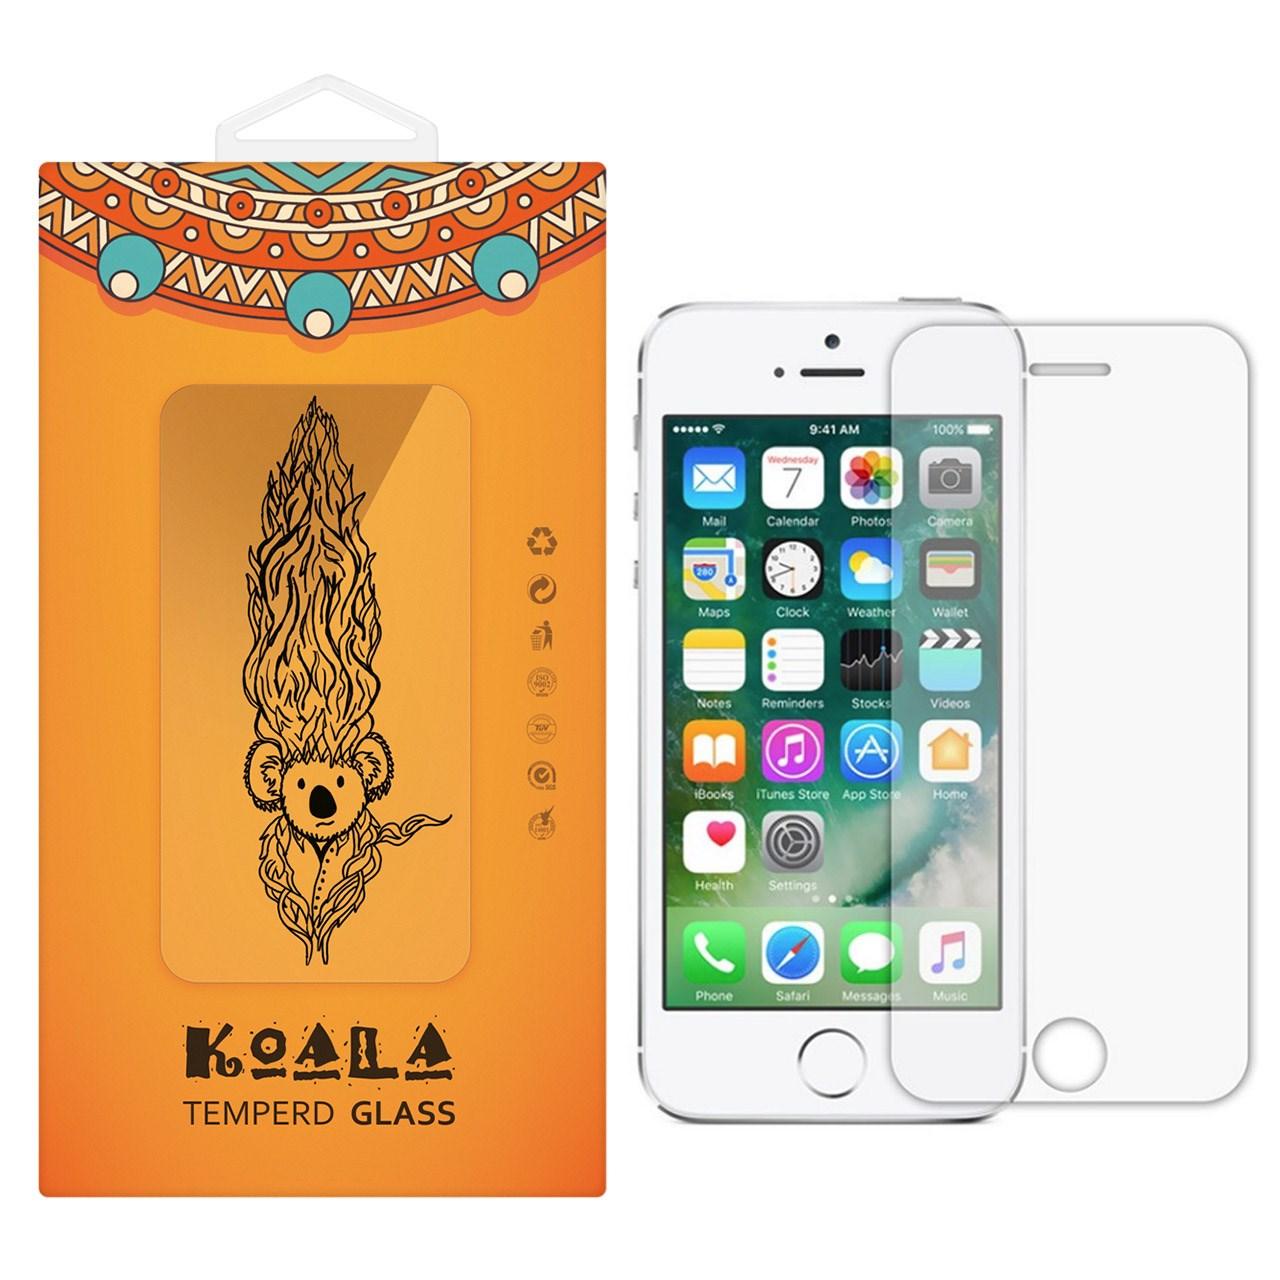 محافظ صفحه نمایش شیشه ای کوالا مدل Tempered مناسب برای گوشی موبایل اپل آیفون 5/5S/SE